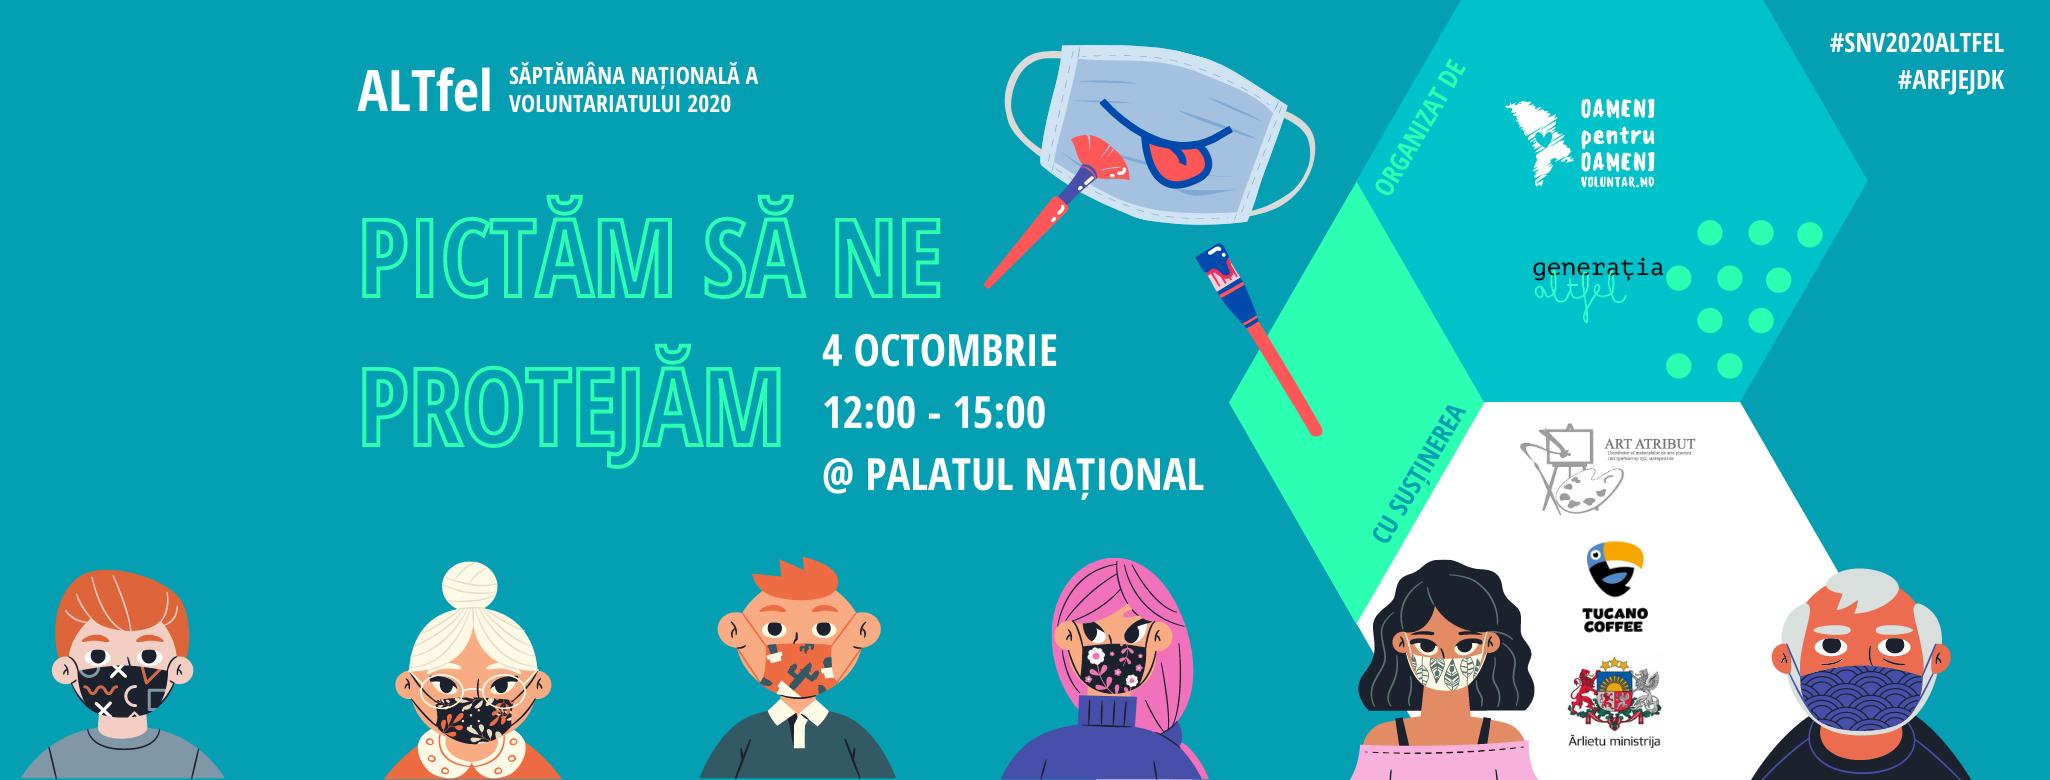 Săptămâna Națională a Voluntarilor 2020